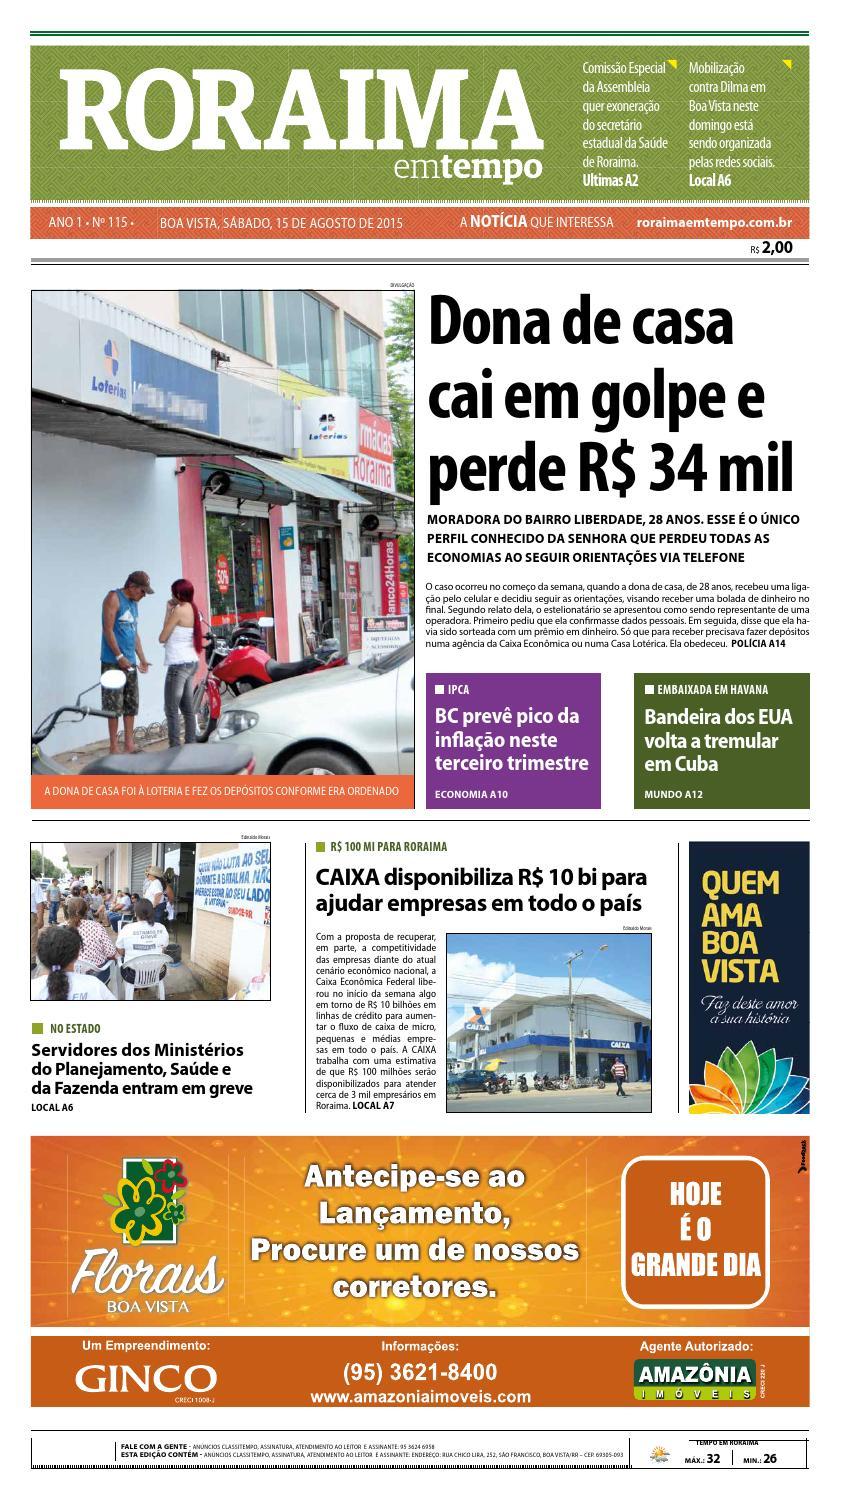 4cbe4b54cd9f4 Jornal roraima em tempo – edição 115 – período de visualização gratuito by  RoraimaEmTempo - issuu